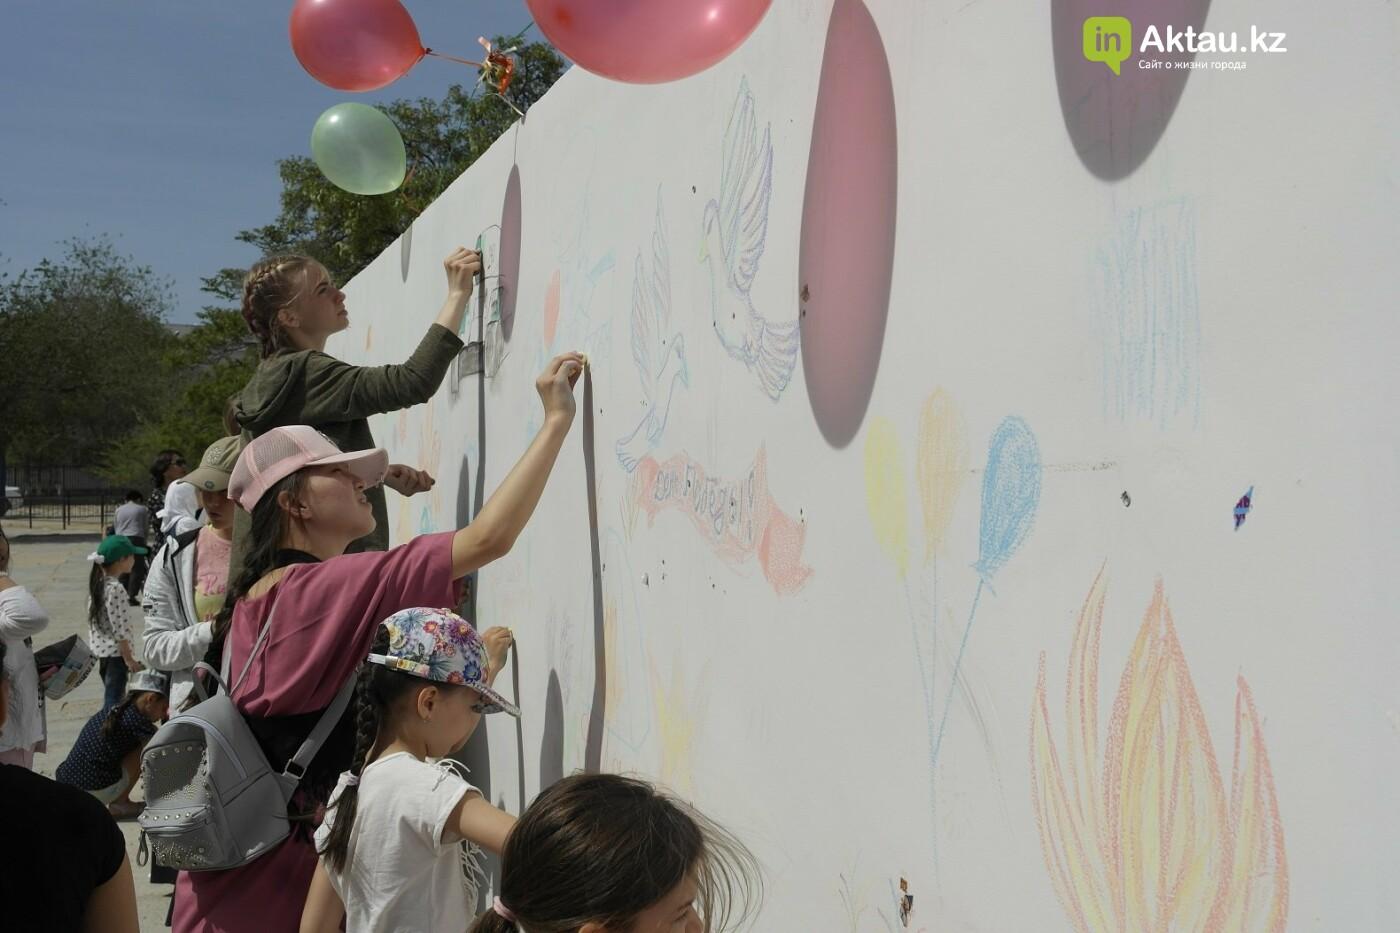 Стену Памяти своими руками создали школьники Актау, фото-1